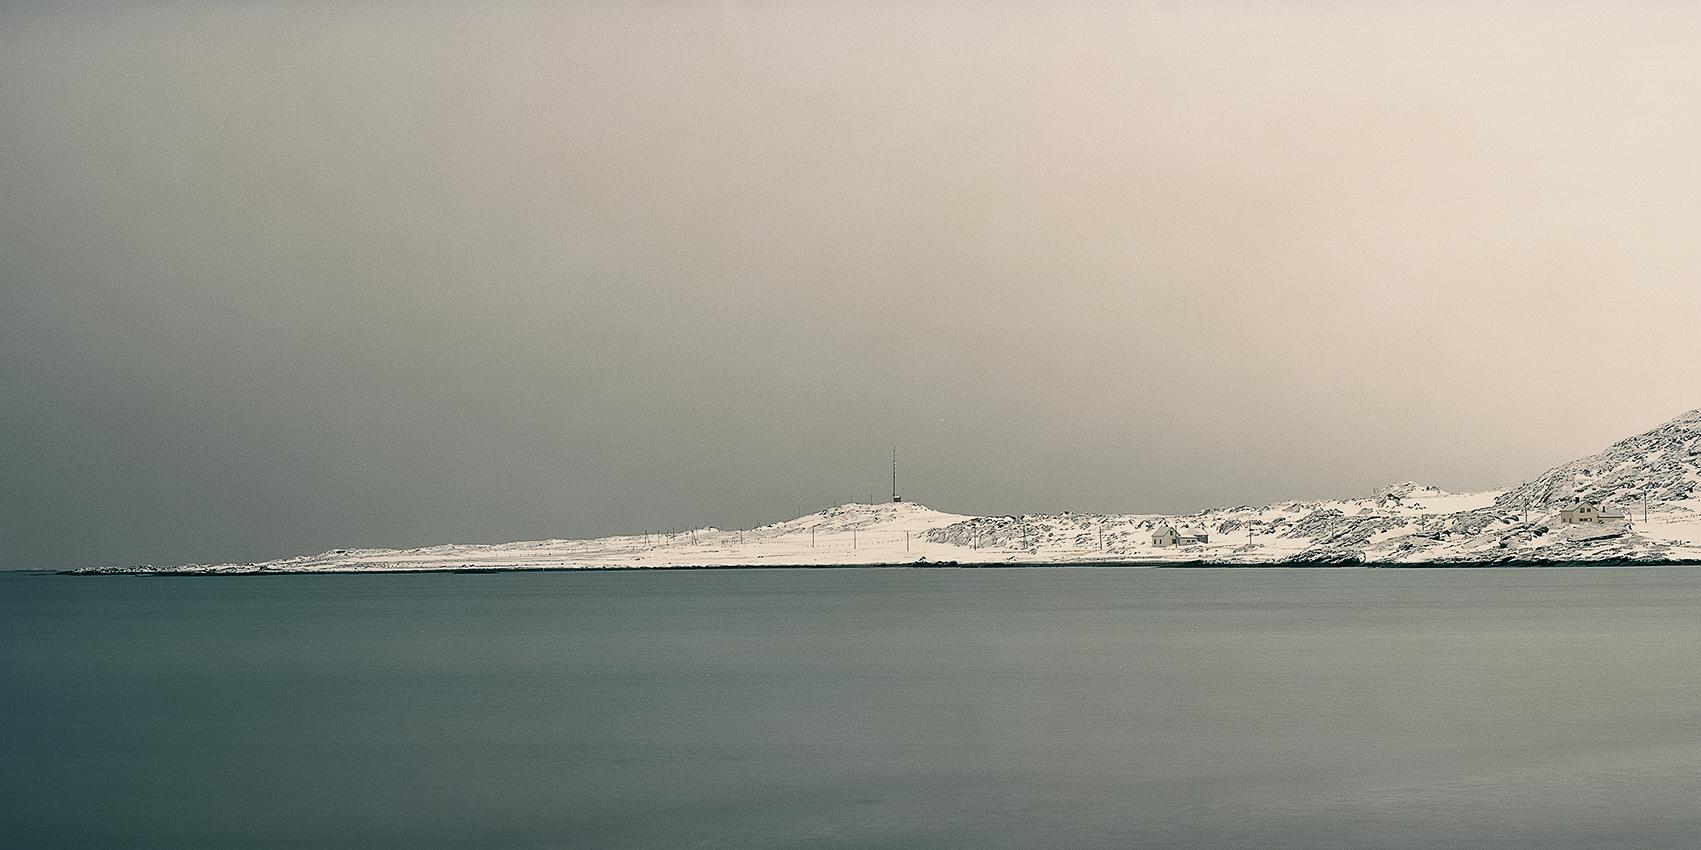 Kiberg